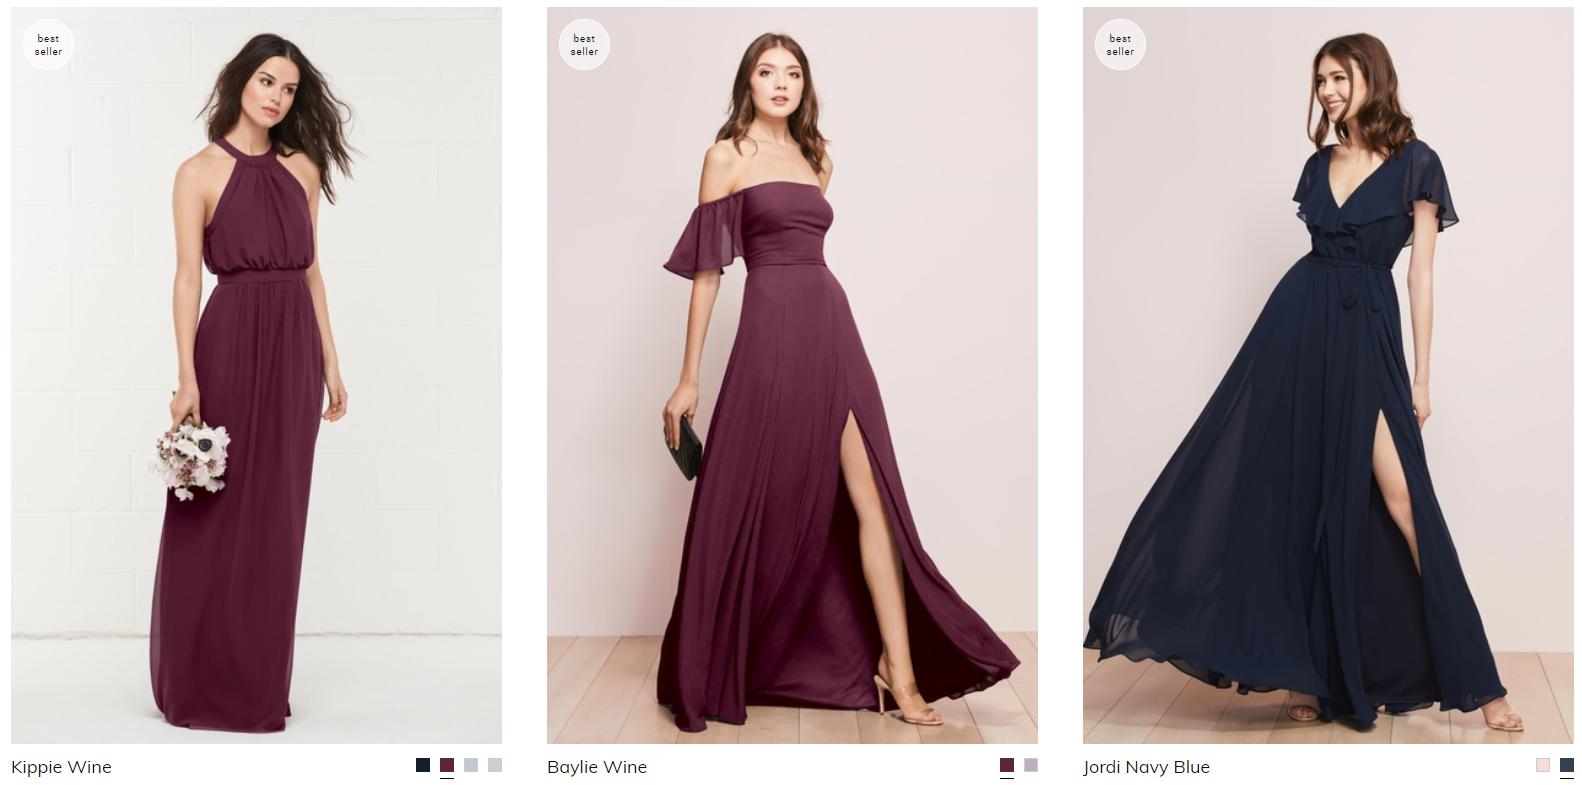 wtoobridesmaids-dresses-online-bella-mera-bridal.png